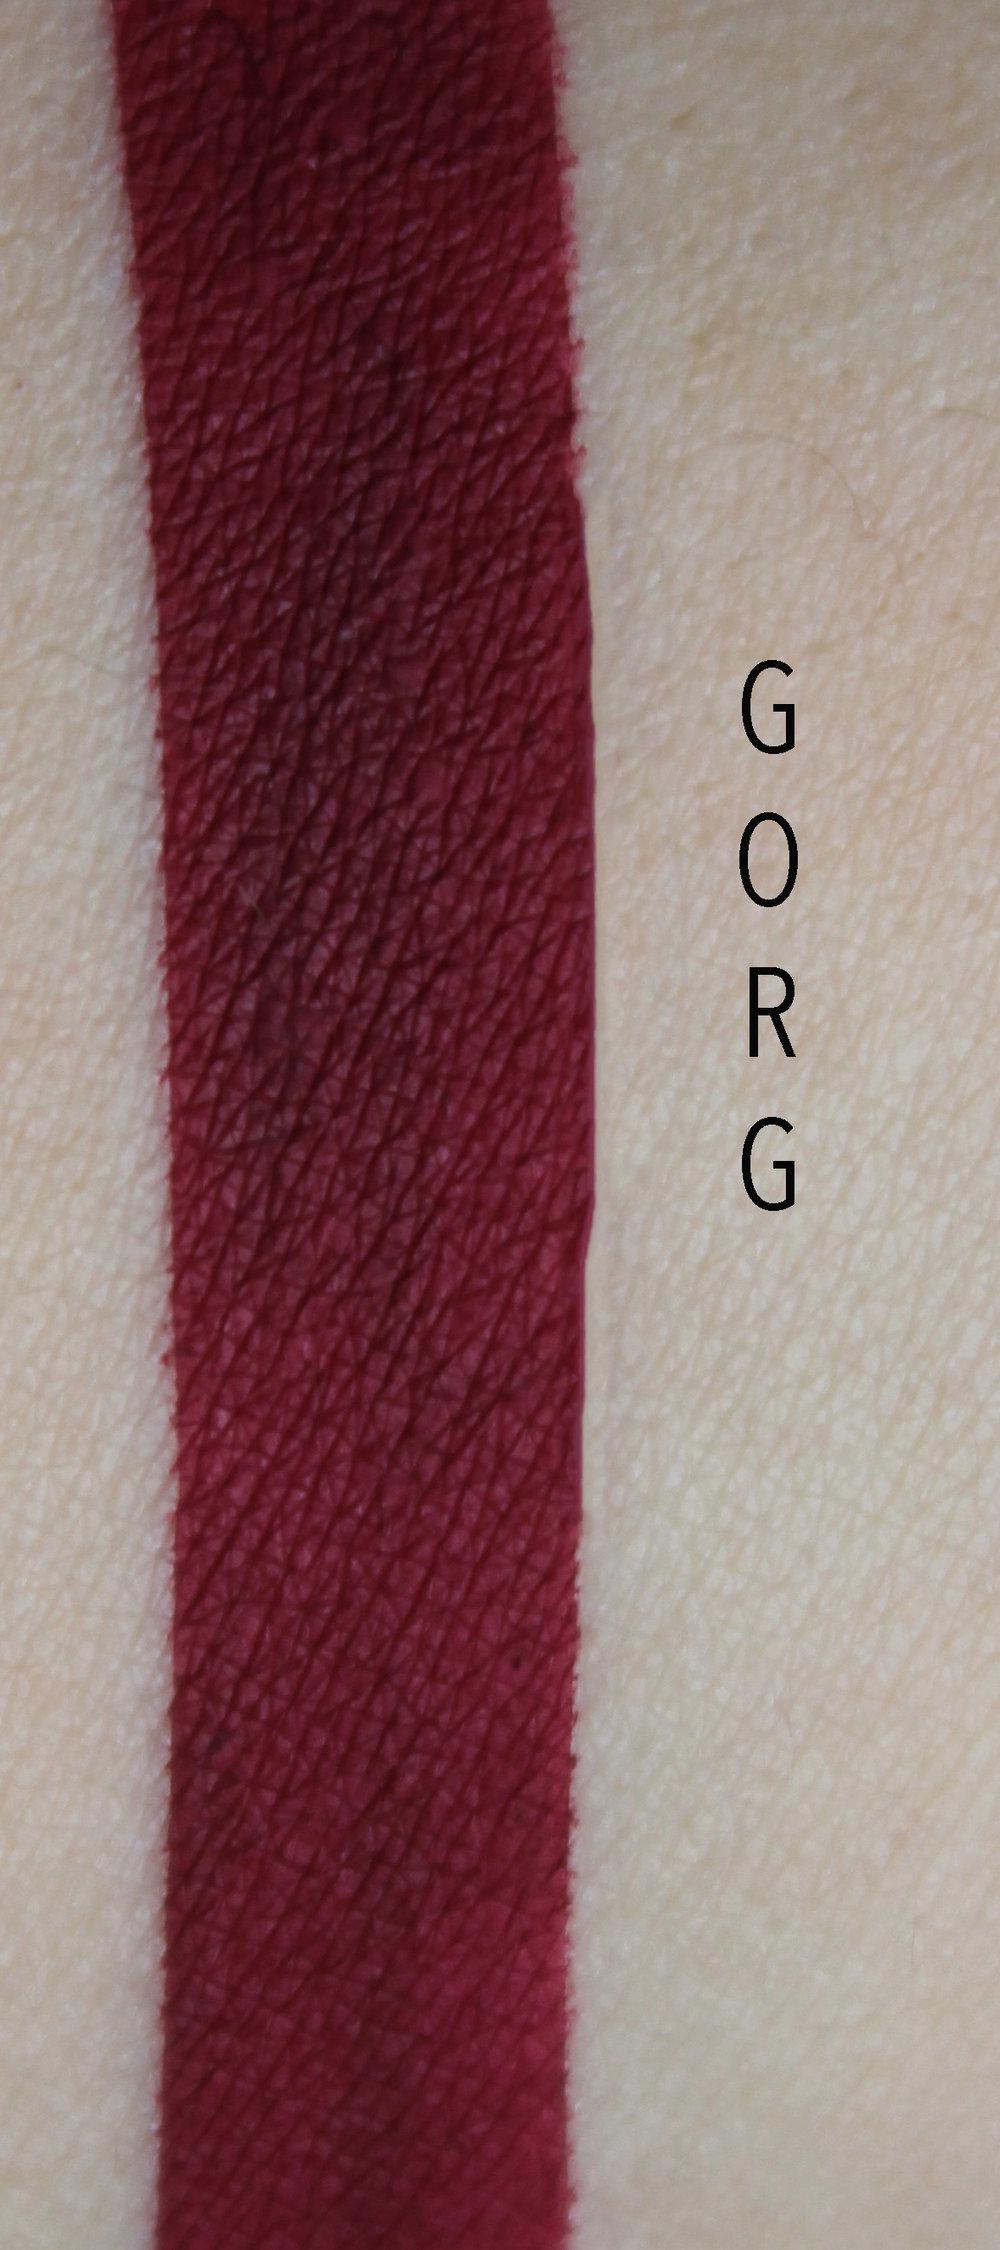 GORG.jpg